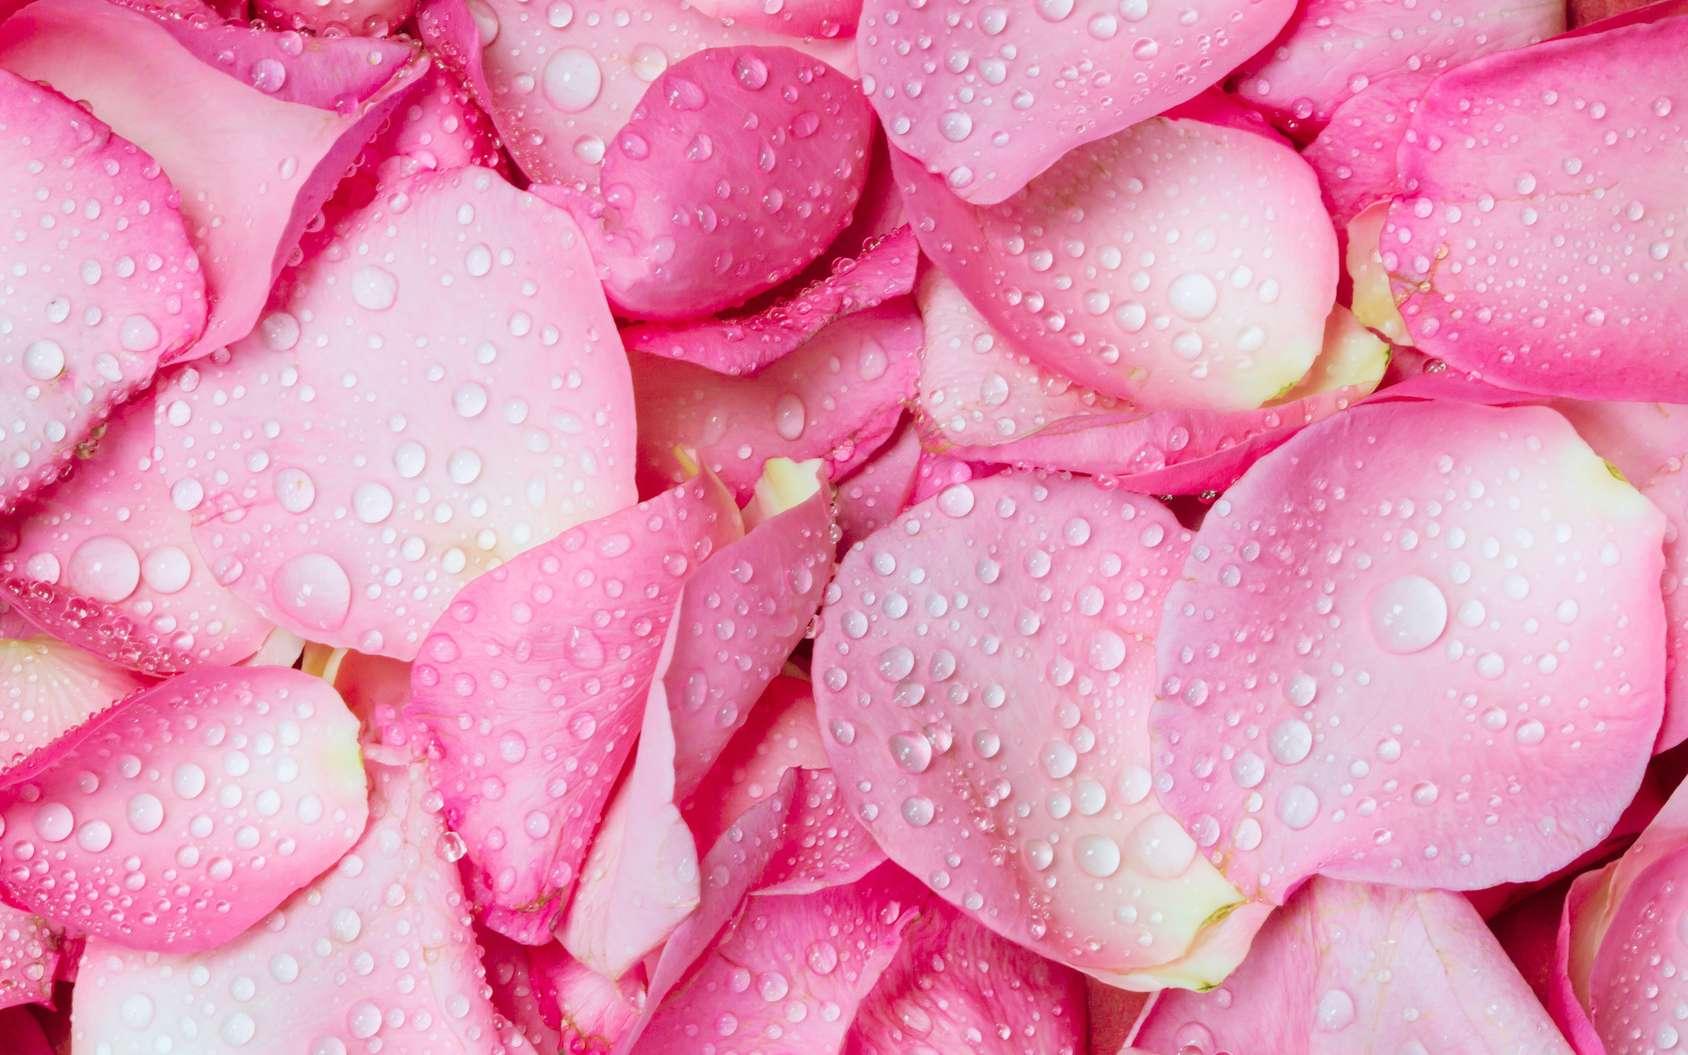 بالصور خلفيات ورد , اكثر صور الورد جاذبية 3014 5